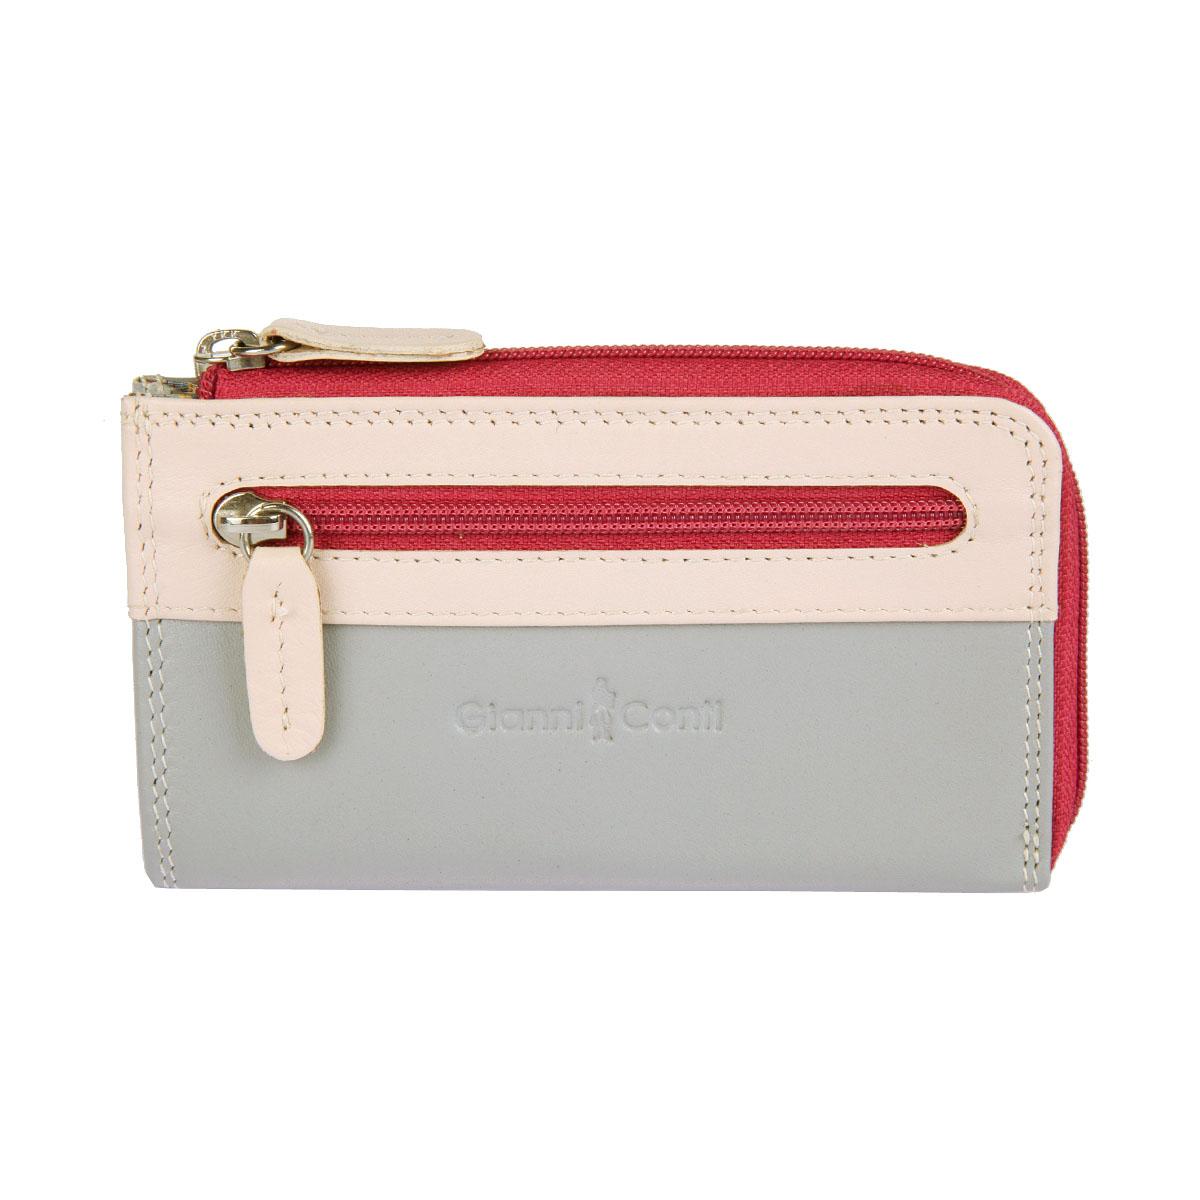 Ключница Gianni Conti, цвет: серый, розовый, фуксия. 1809184